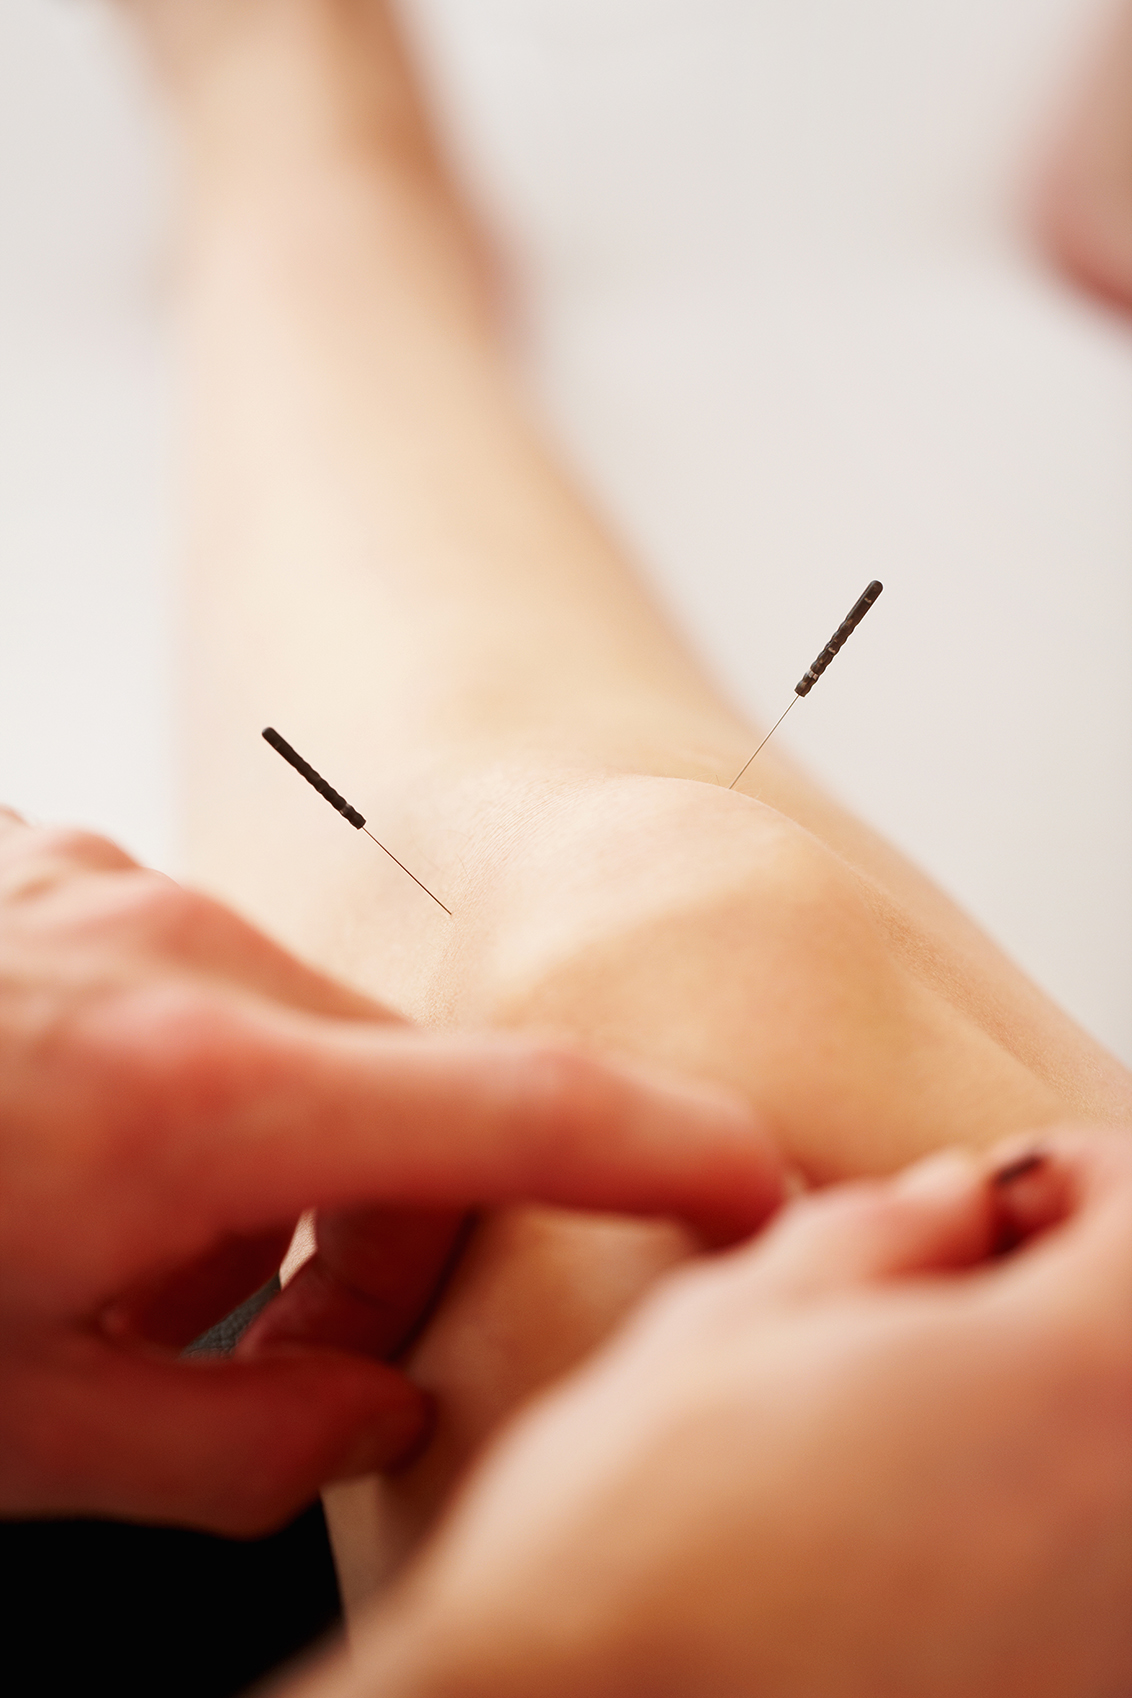 Acupuncture treatment on knee